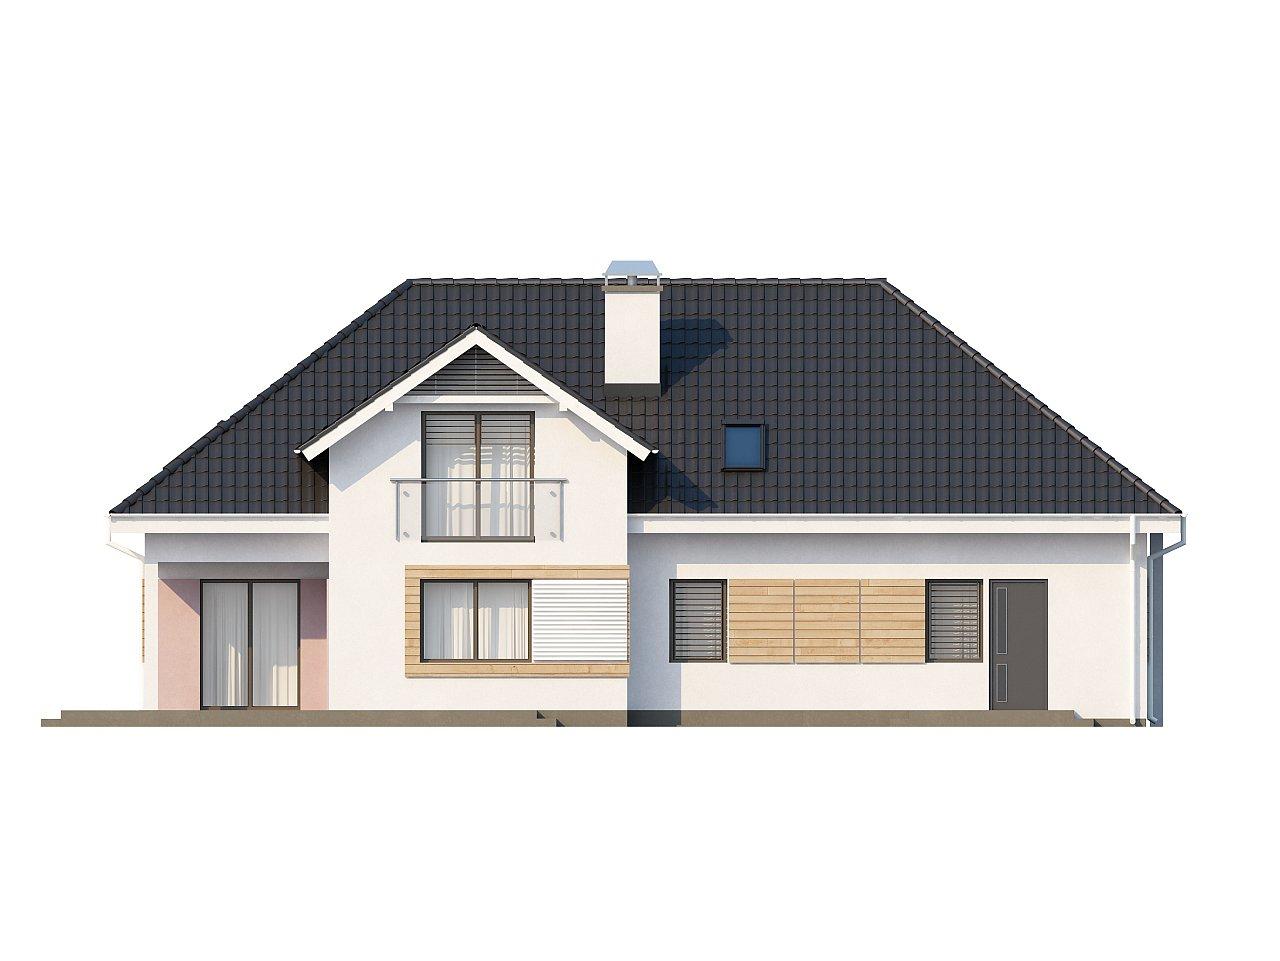 Комфортный стильный дом с большим гаражом для двух автомобилей и дополнительной комнатой над ним. 5